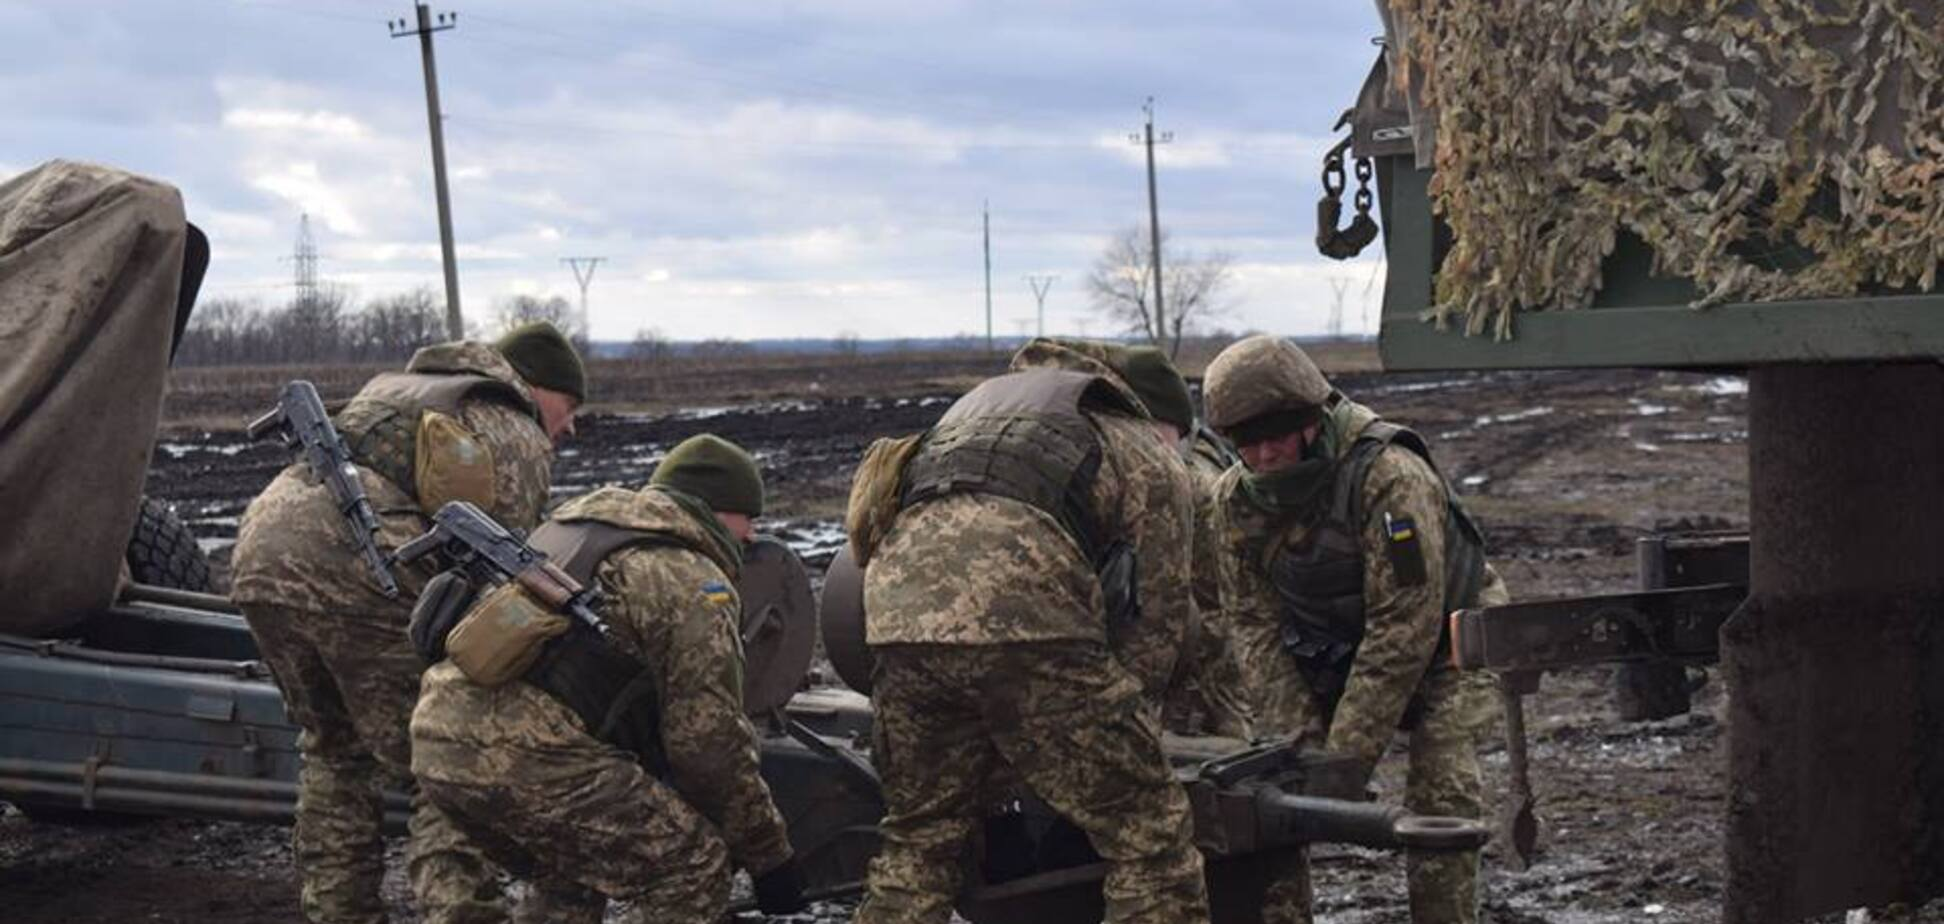 Тишины не будет: стало известно, почему 'Л/ДНР' срывают перемирие на Донбассе